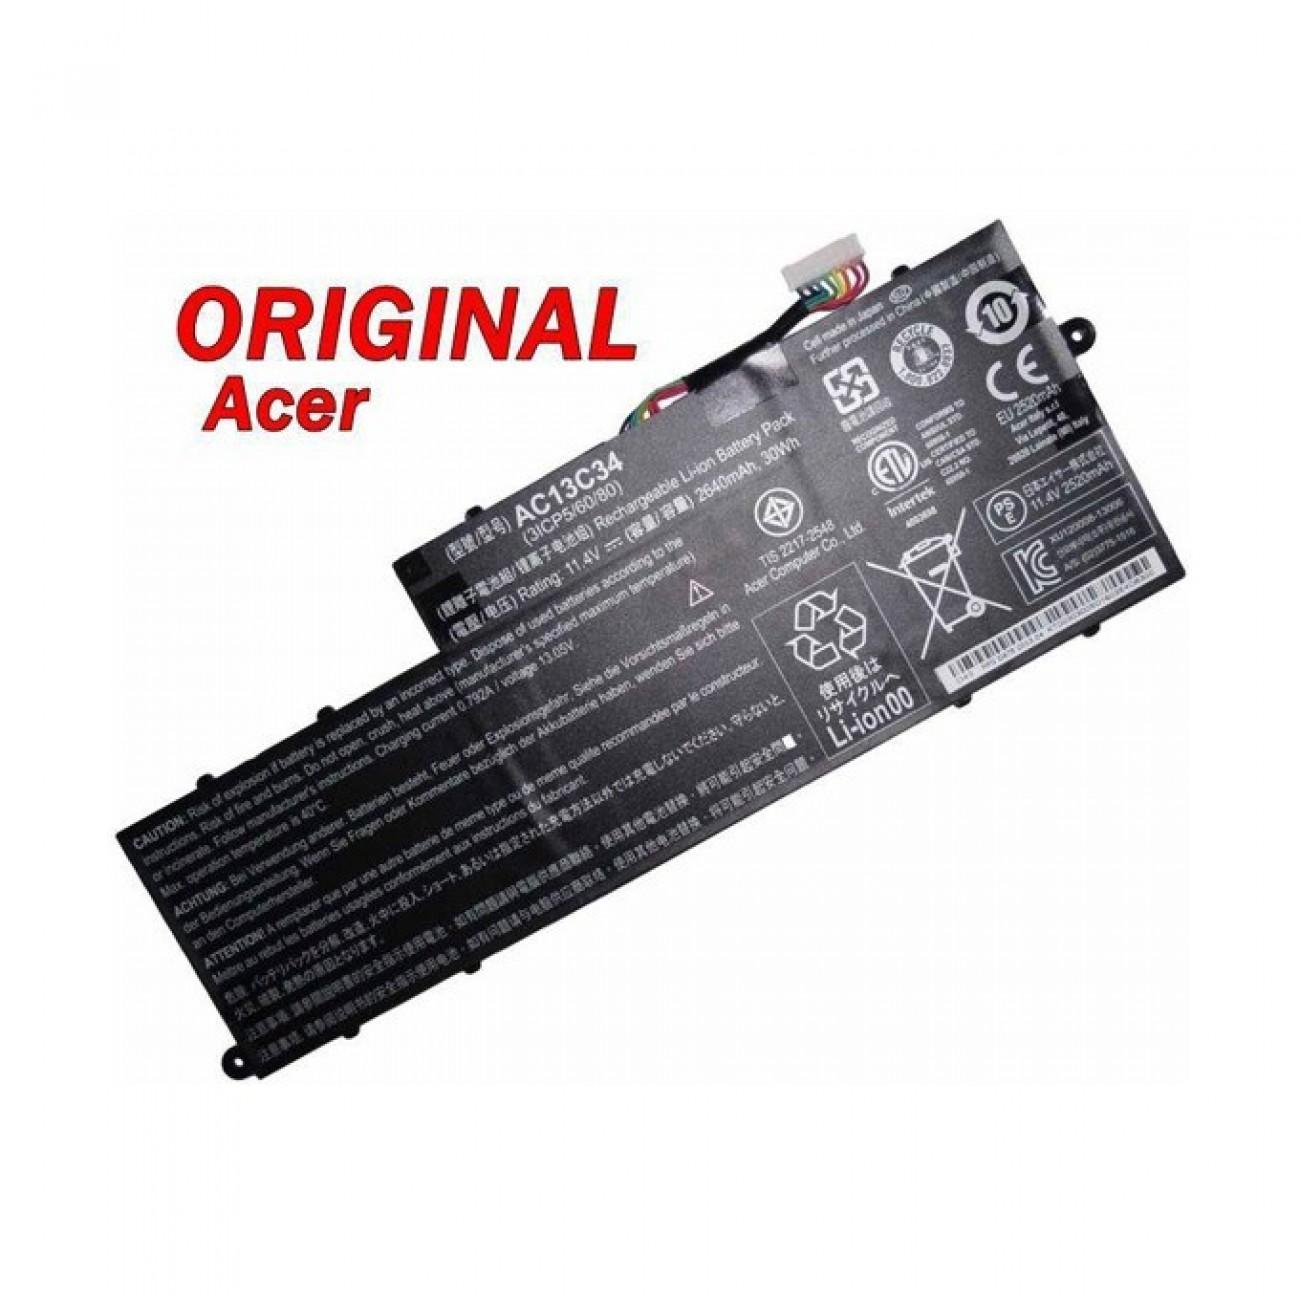 Батерия (оригинална) ACER Aspire, съвместима с V5-122P/AC13C34, 11.4V, 2640mAh в Батерии за Лаптоп -  | Alleop